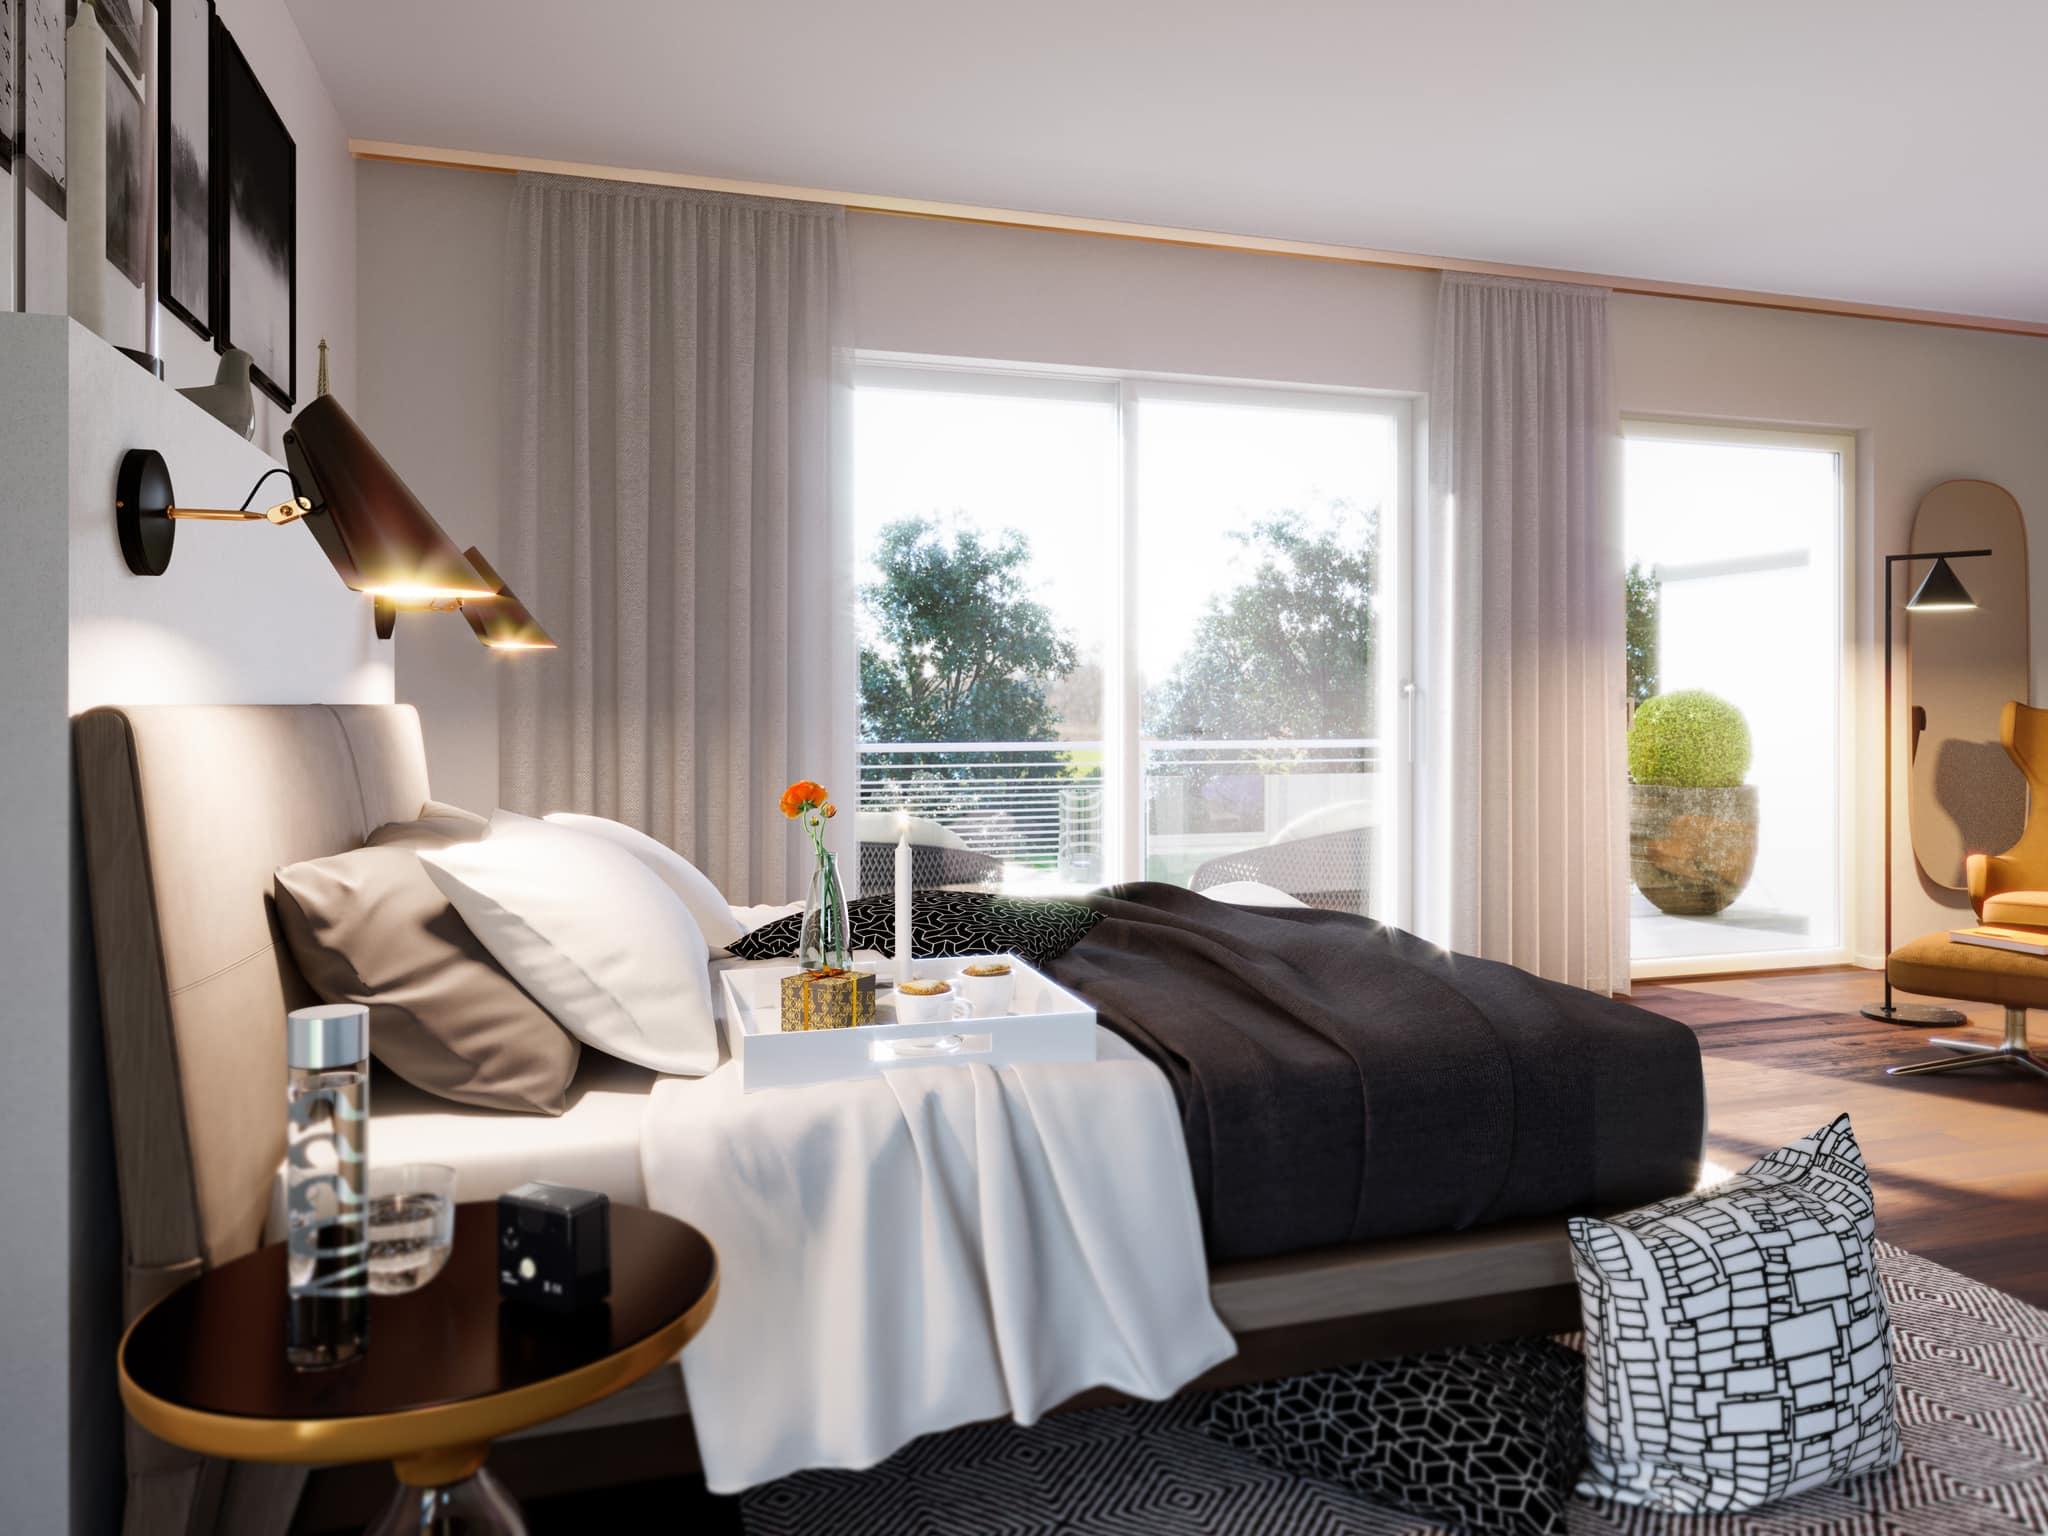 Schlafzimmer Ideen - Inneneinrichtung Doppelhaus Fertighaus Bien Zenker CELEBRATION 122 V3 XL - HausbauDirekt.de